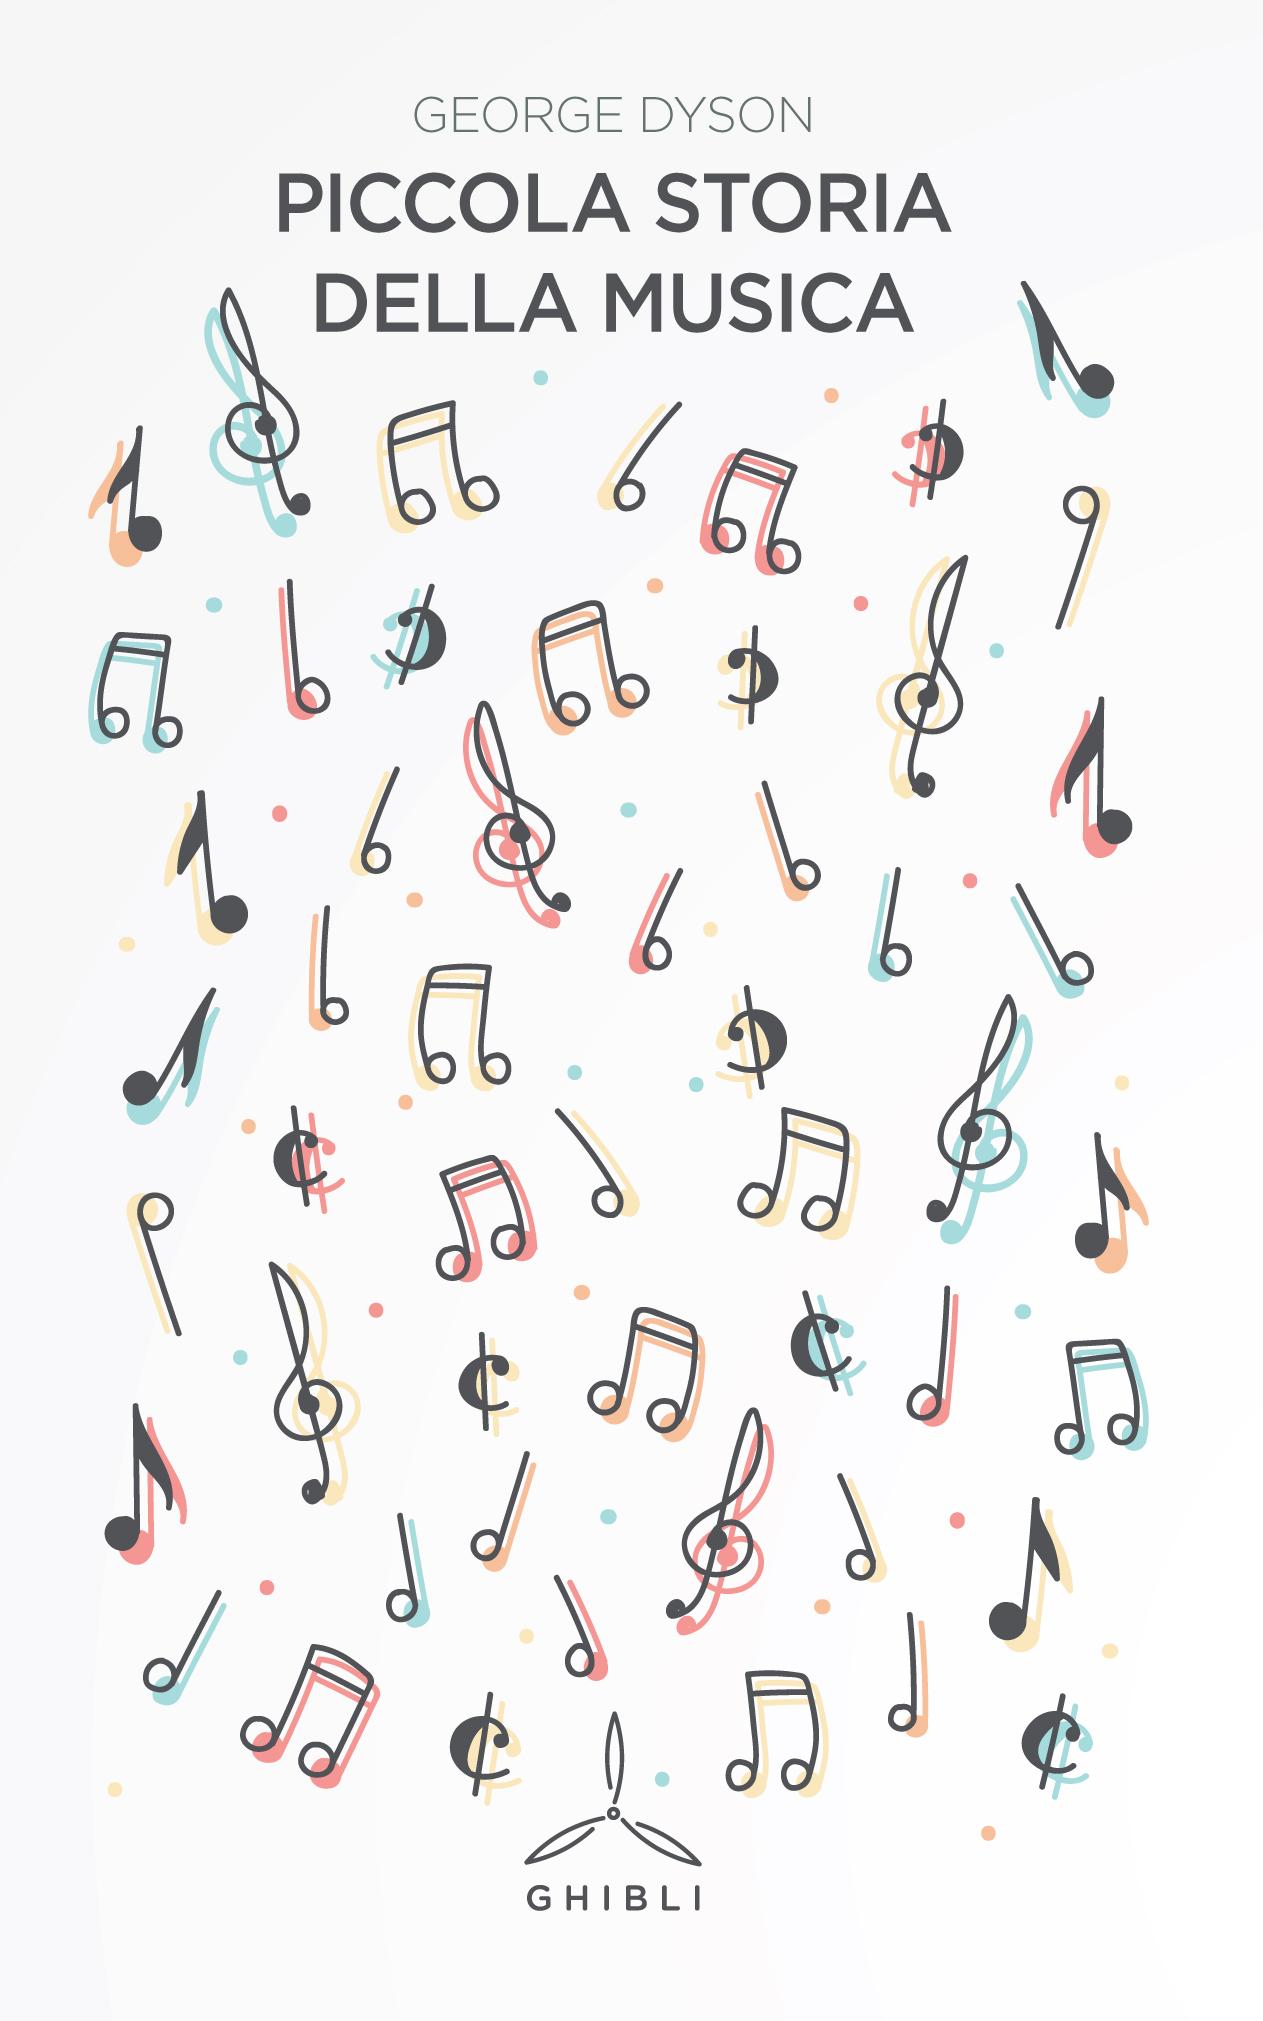 Piccola storia della musica